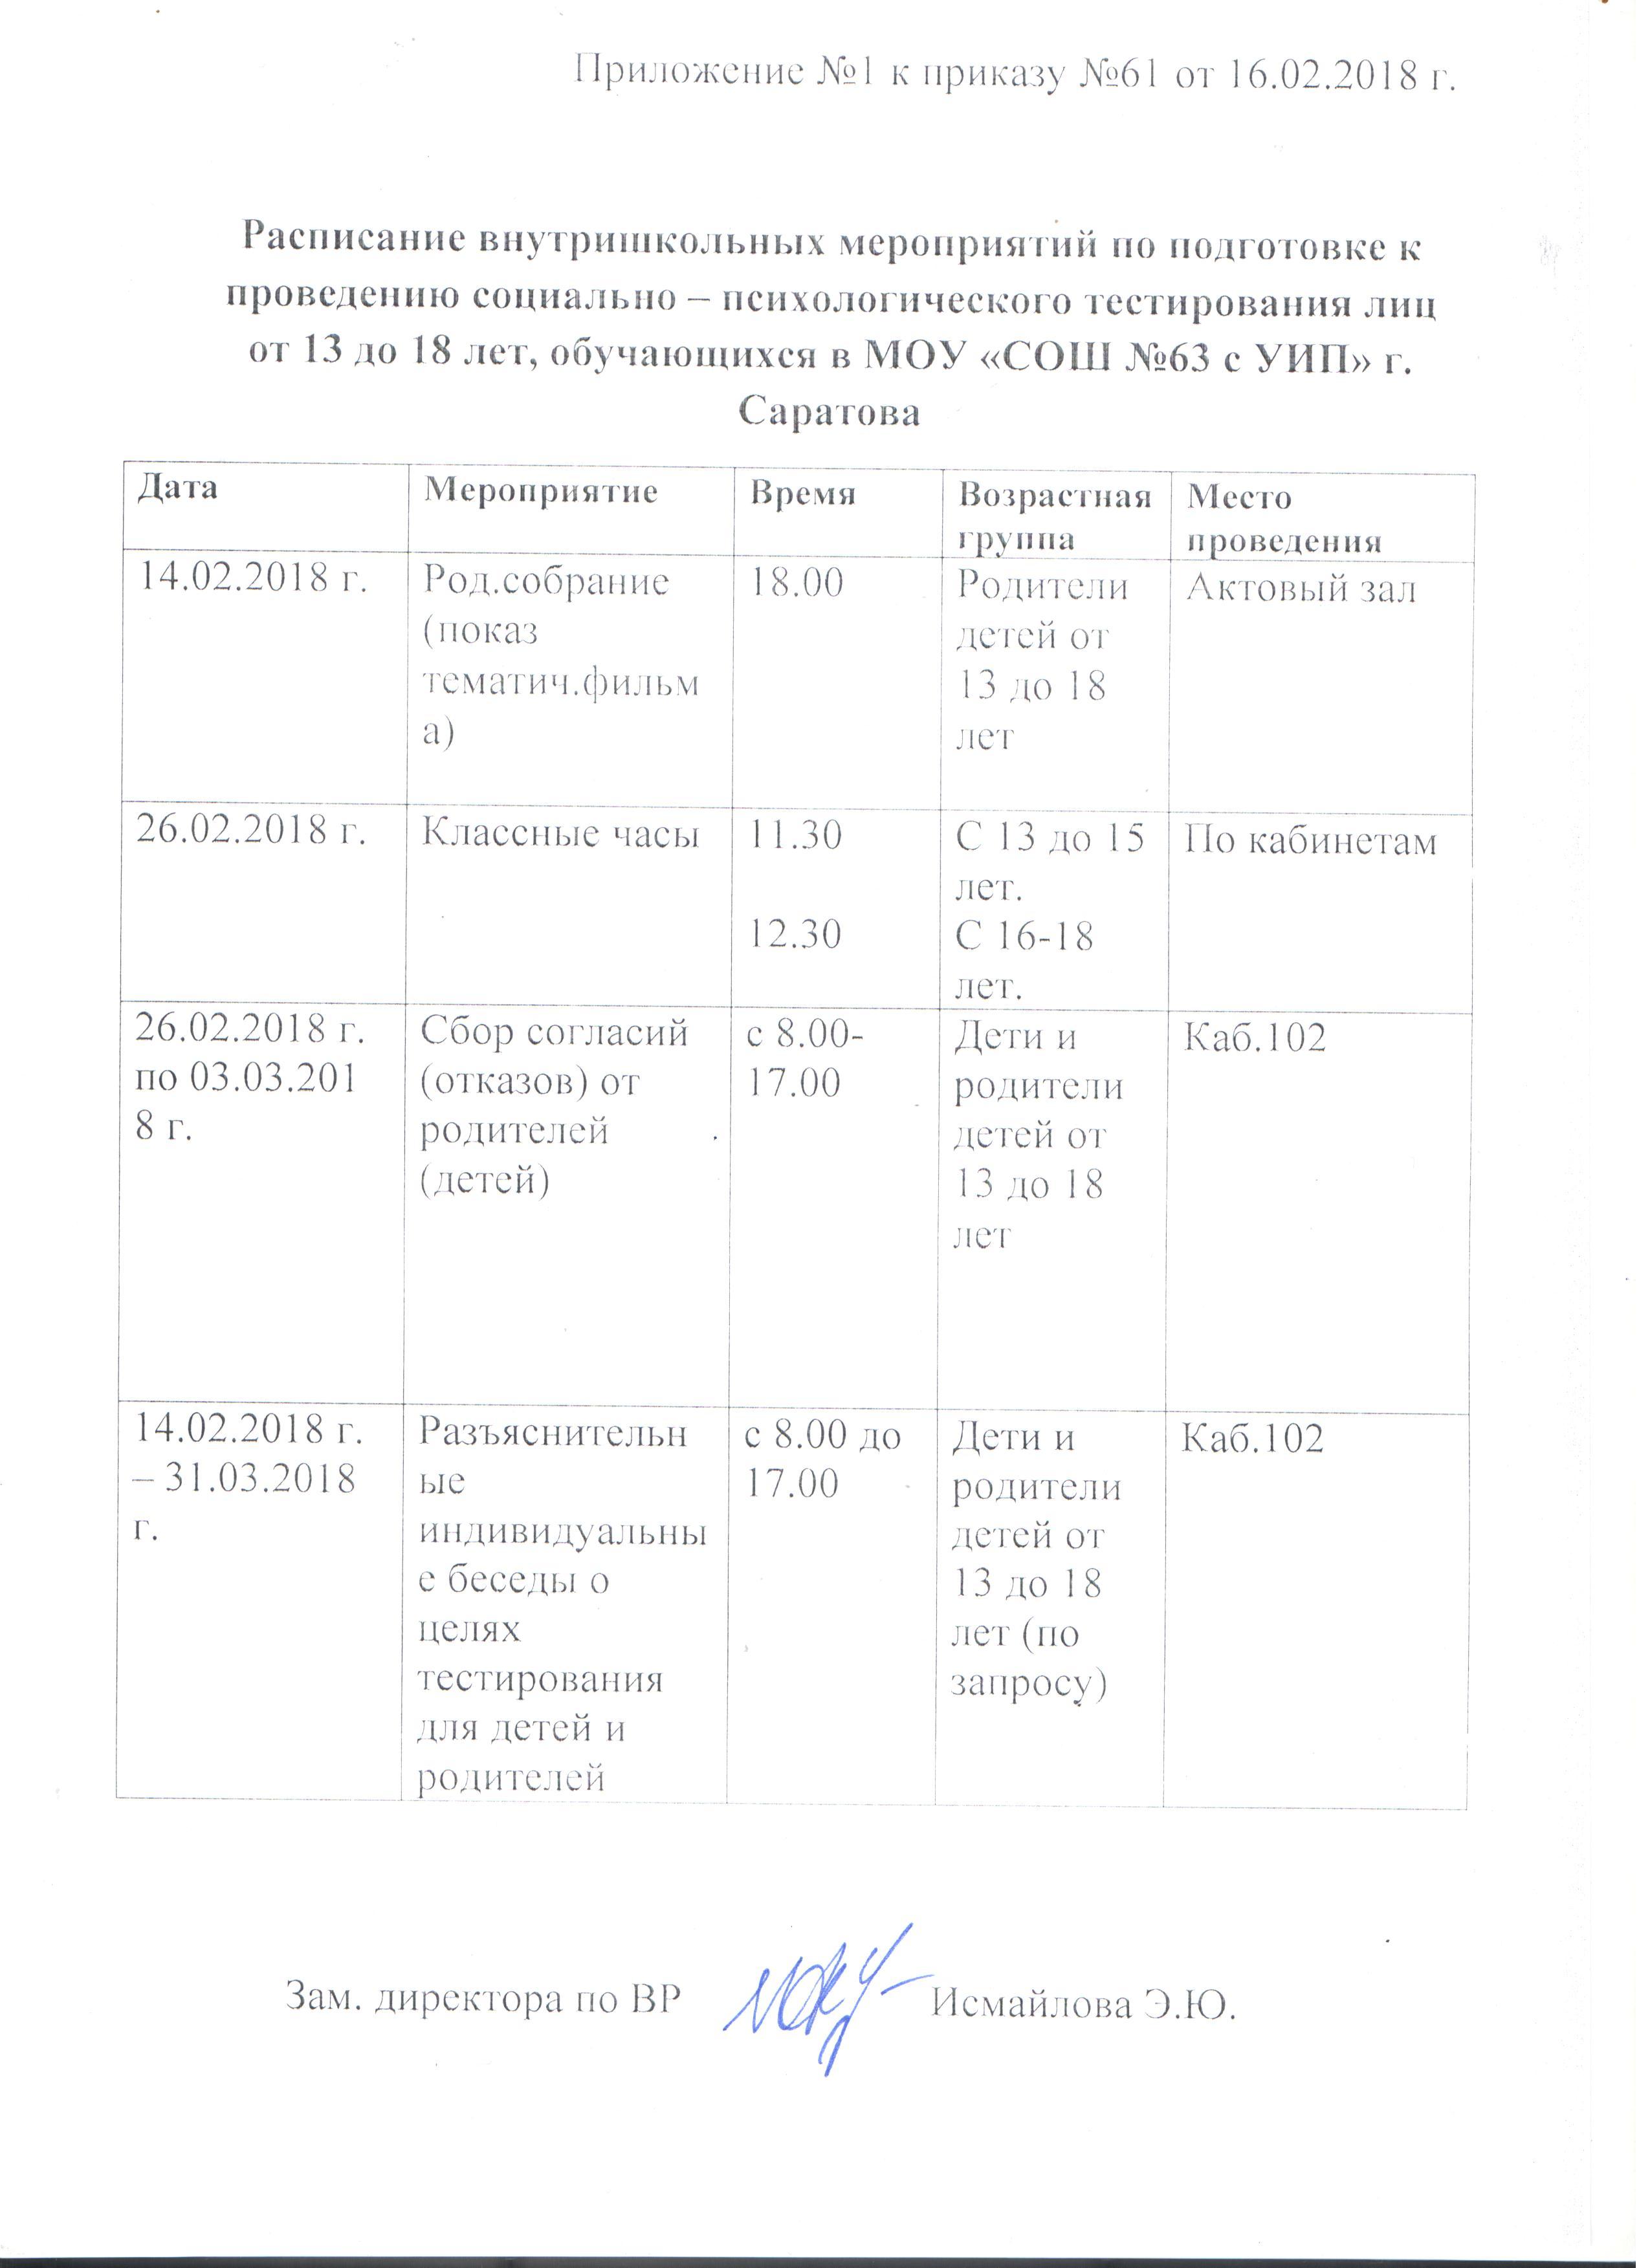 Алгебра.8 класс.проверочные и контрольные работы-саратов 2018 80с